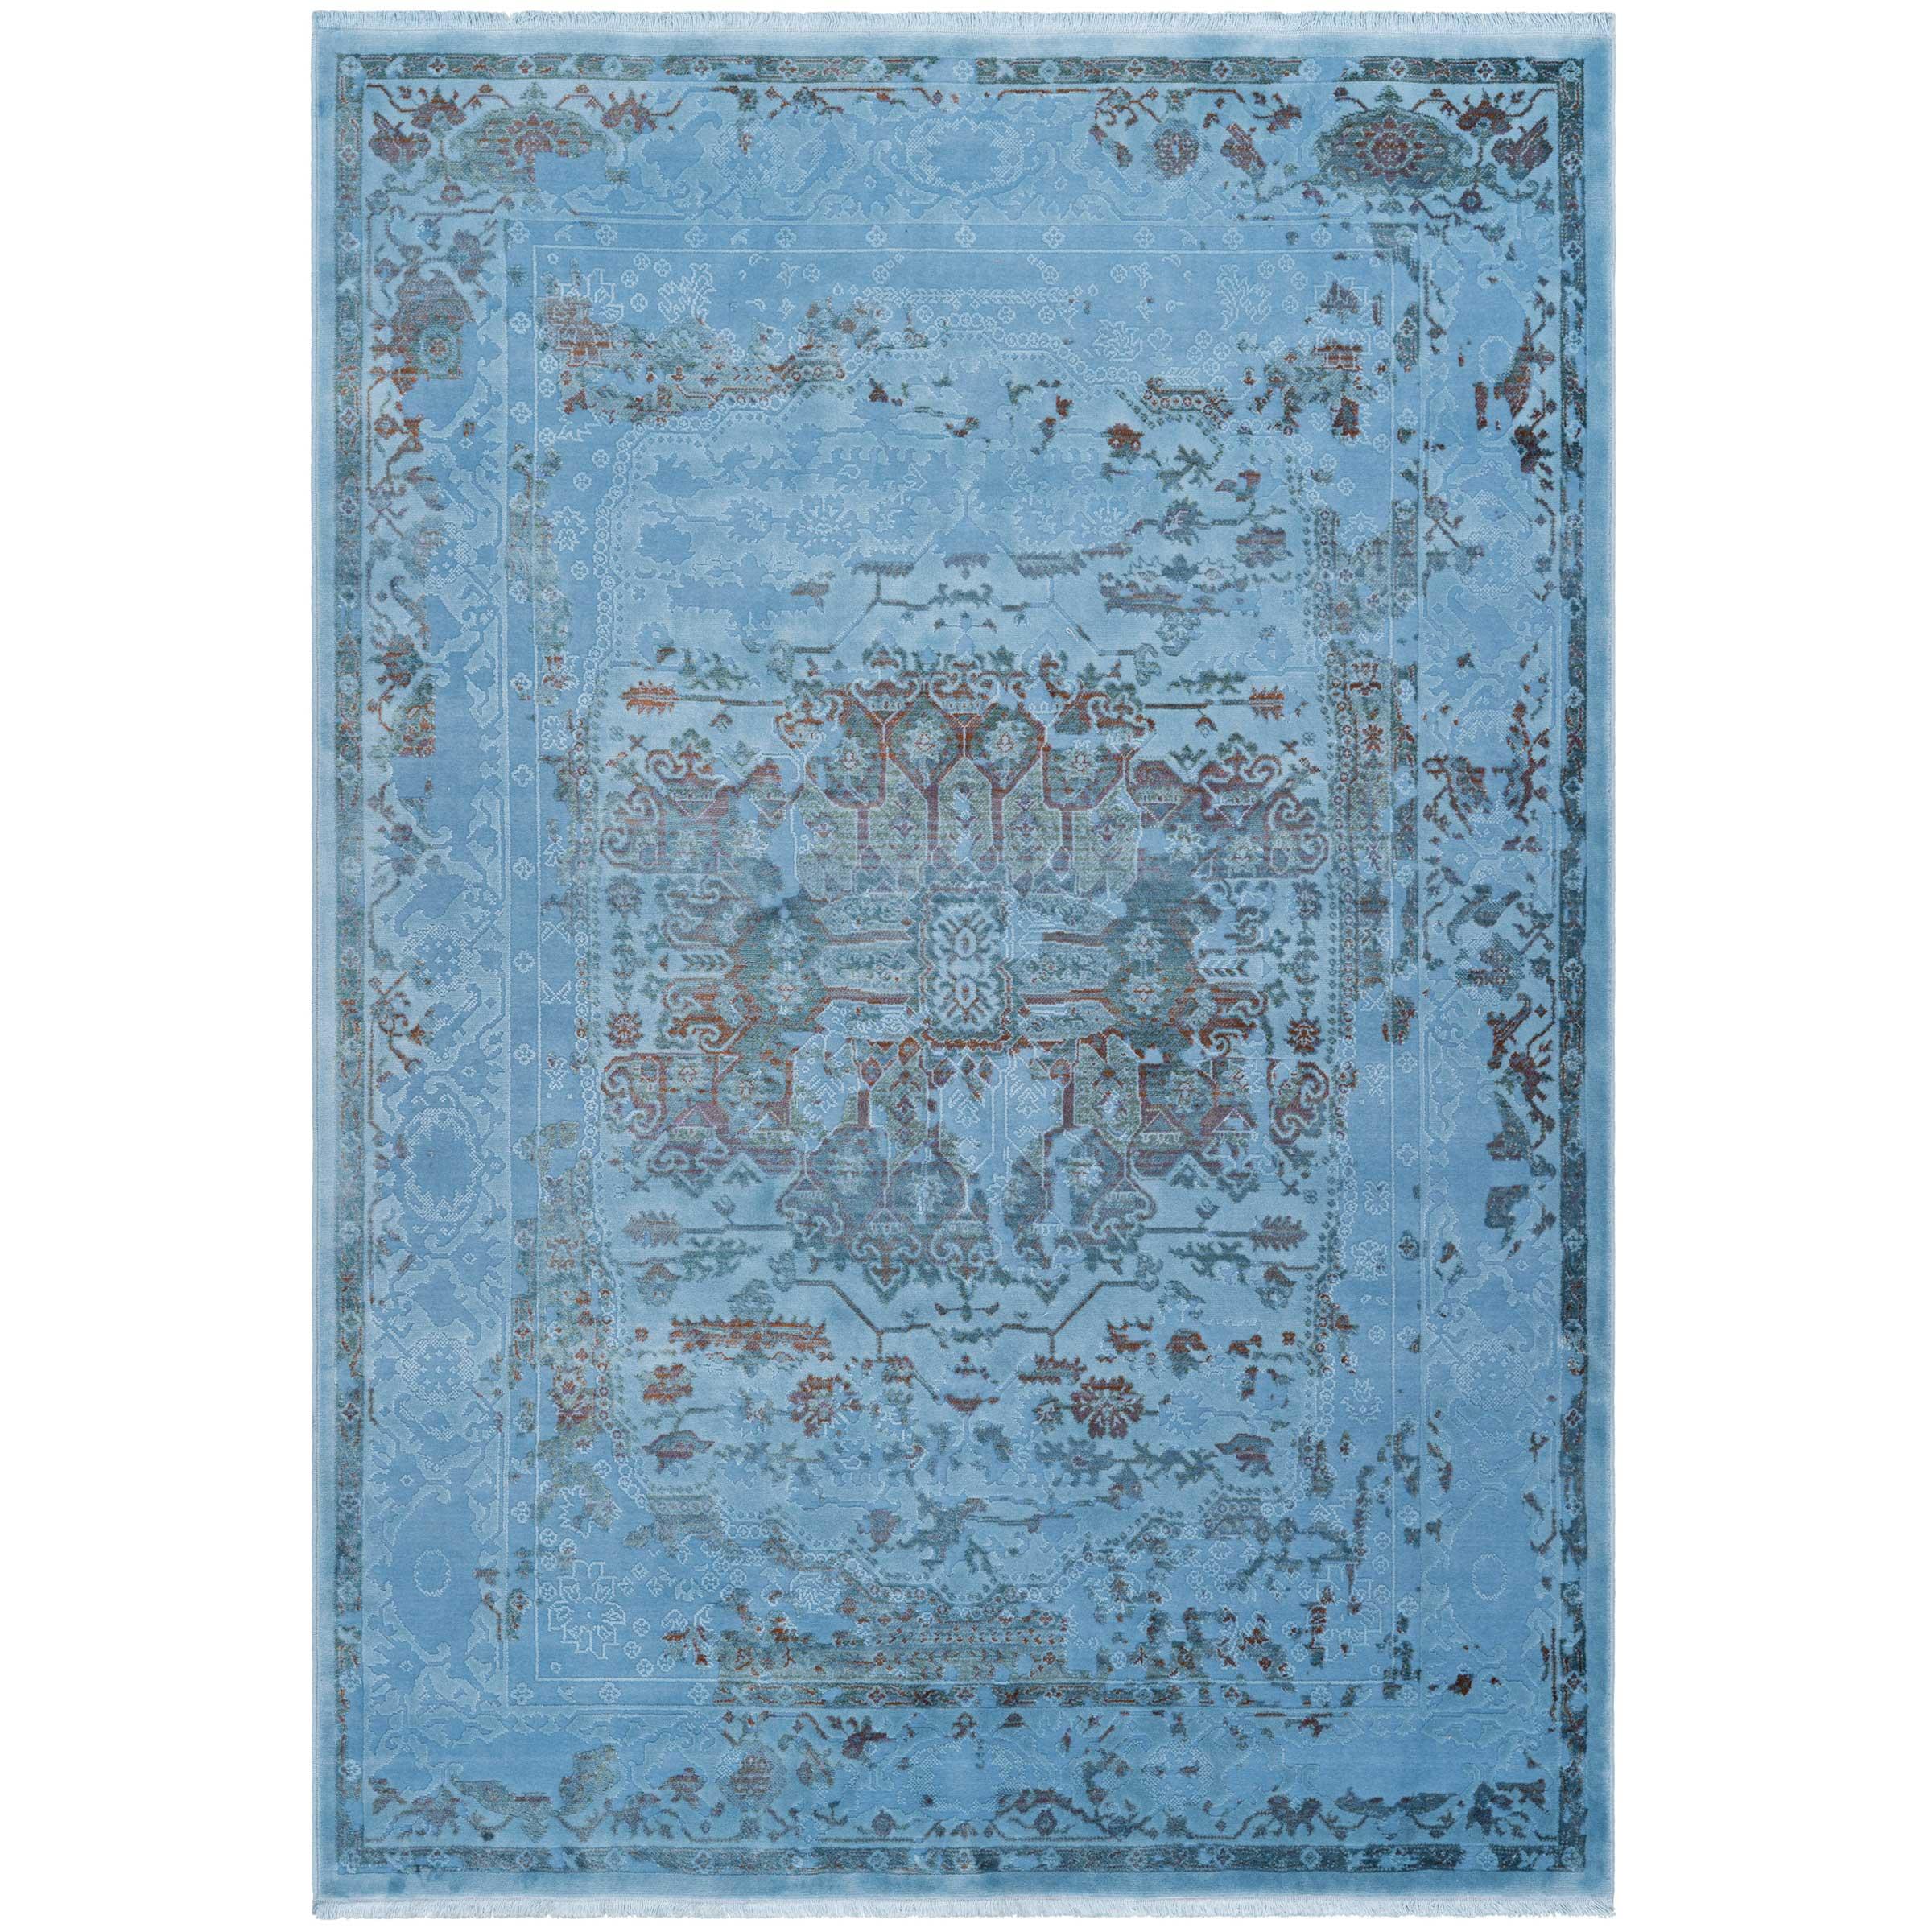 17251782153cd0 Blauw vintage tapijt kopen